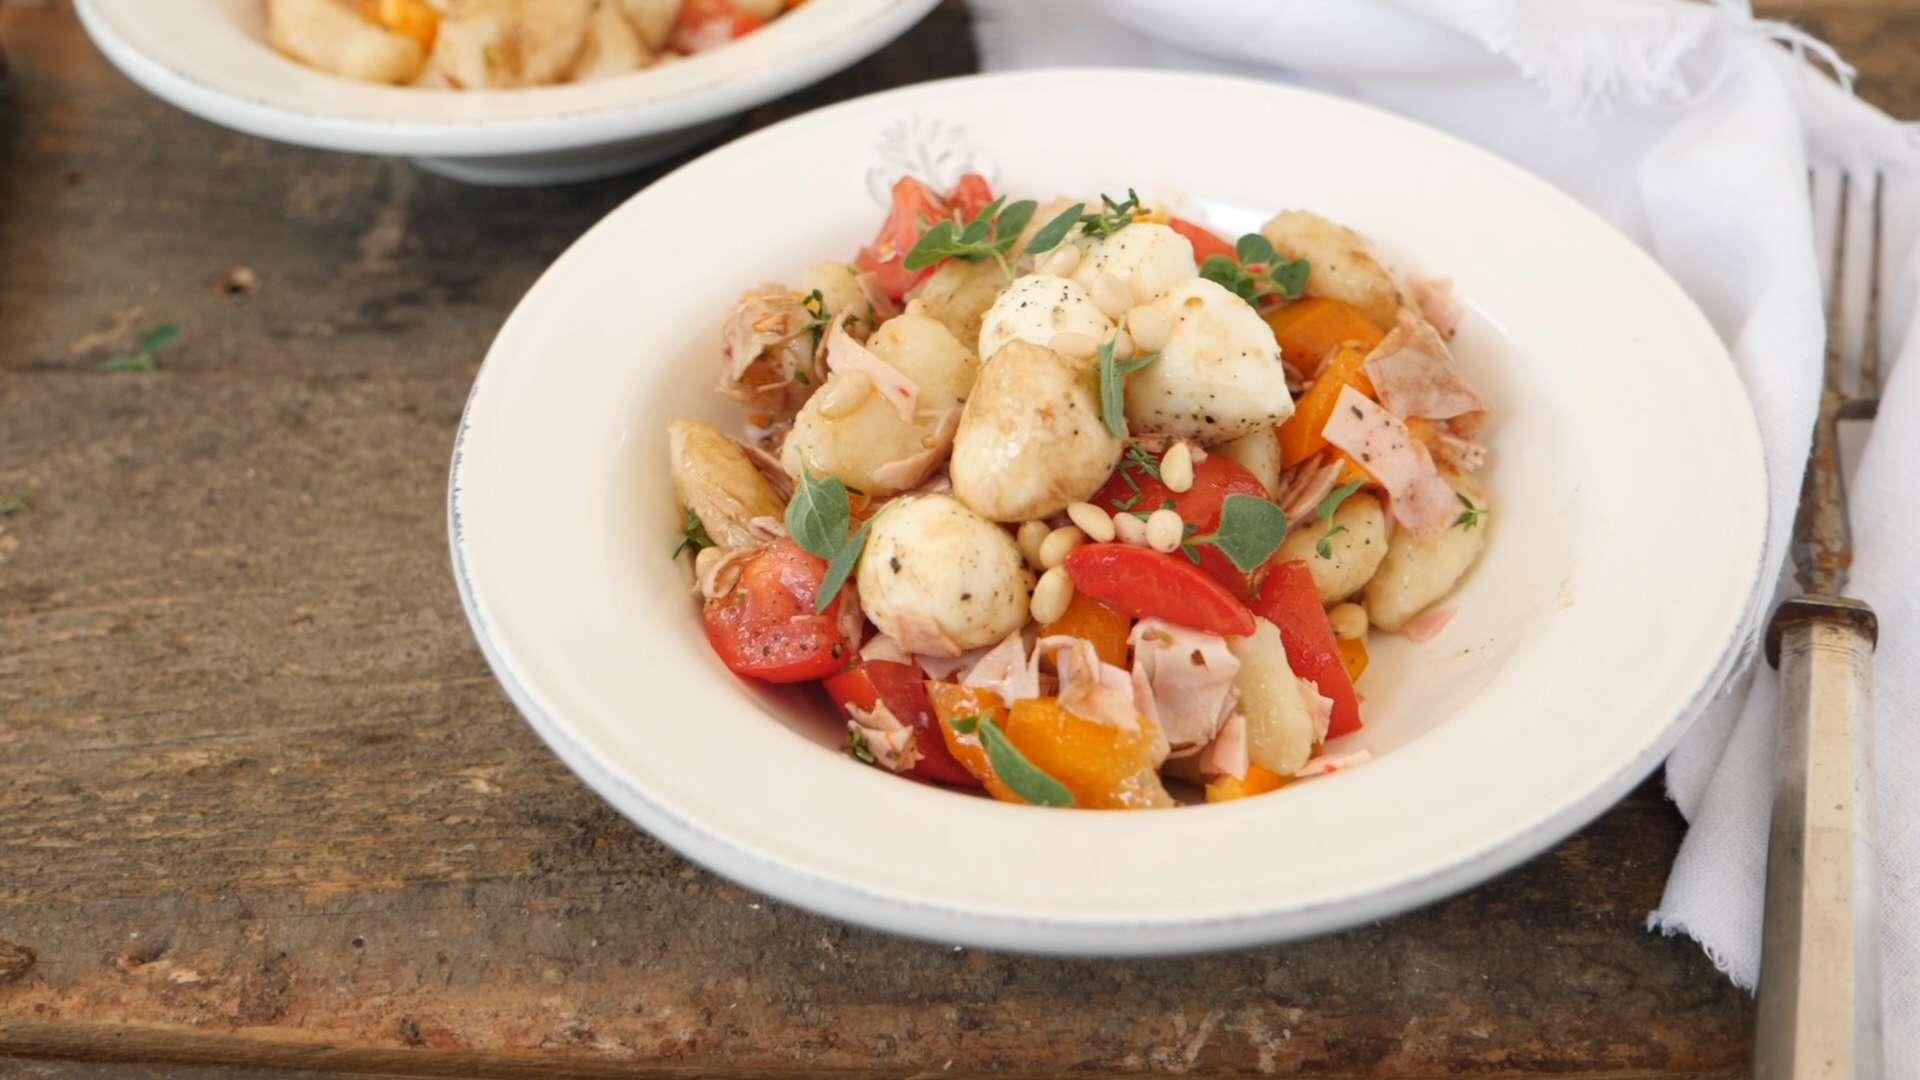 Hütthaler kocht einen mediterranen Gnocchisalat mit der Attersee-Wurst